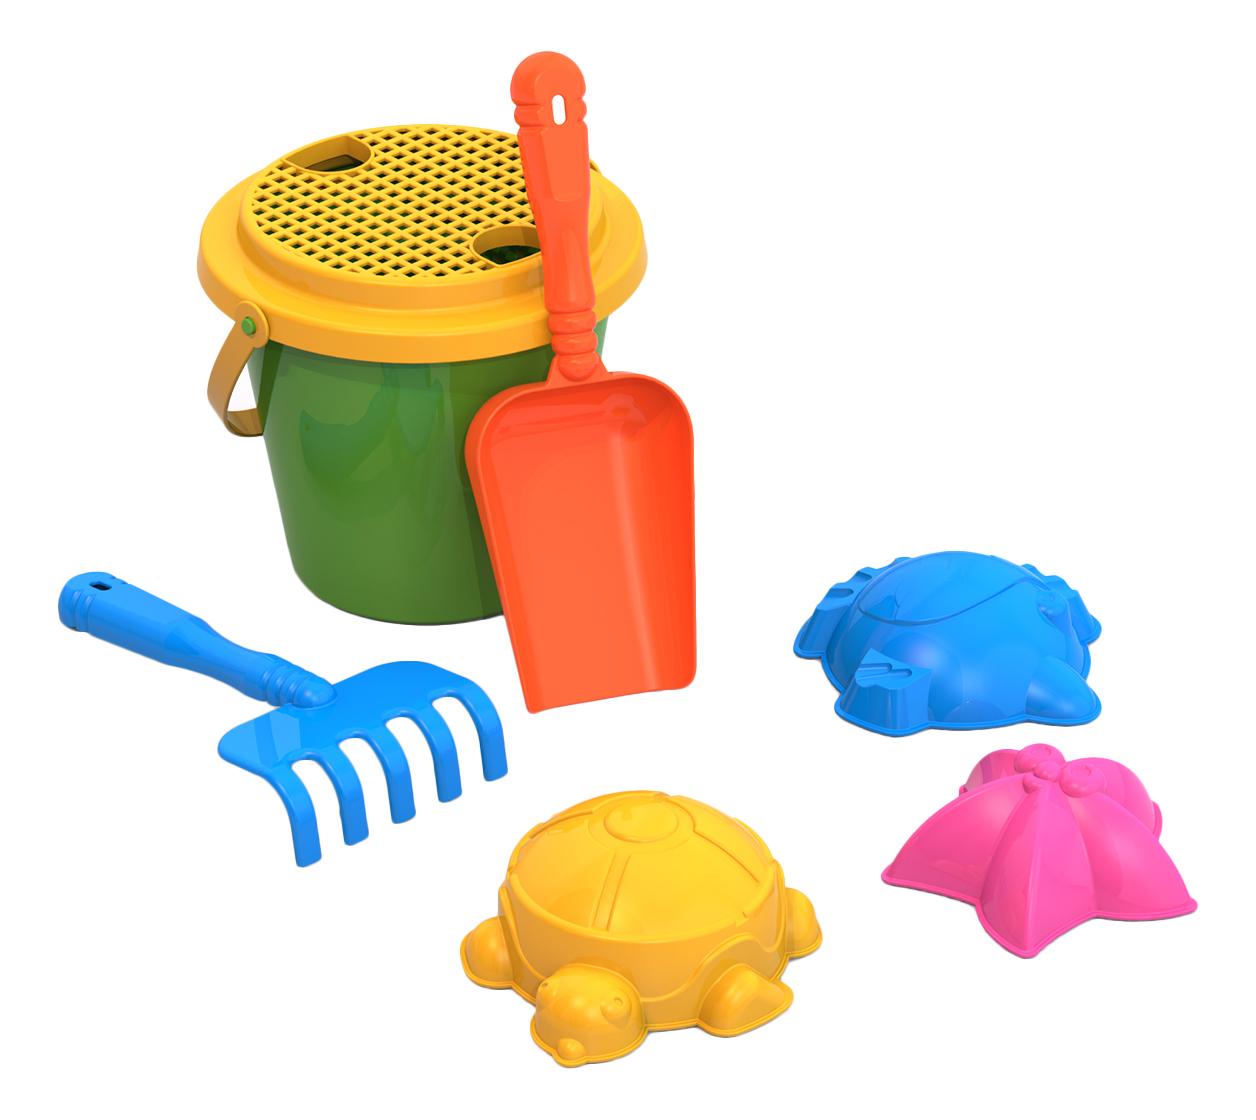 Купить Набор для песка № 11 (сито+003+004+029+мал, ведро), НОРДПЛАСТ, Песочные наборы